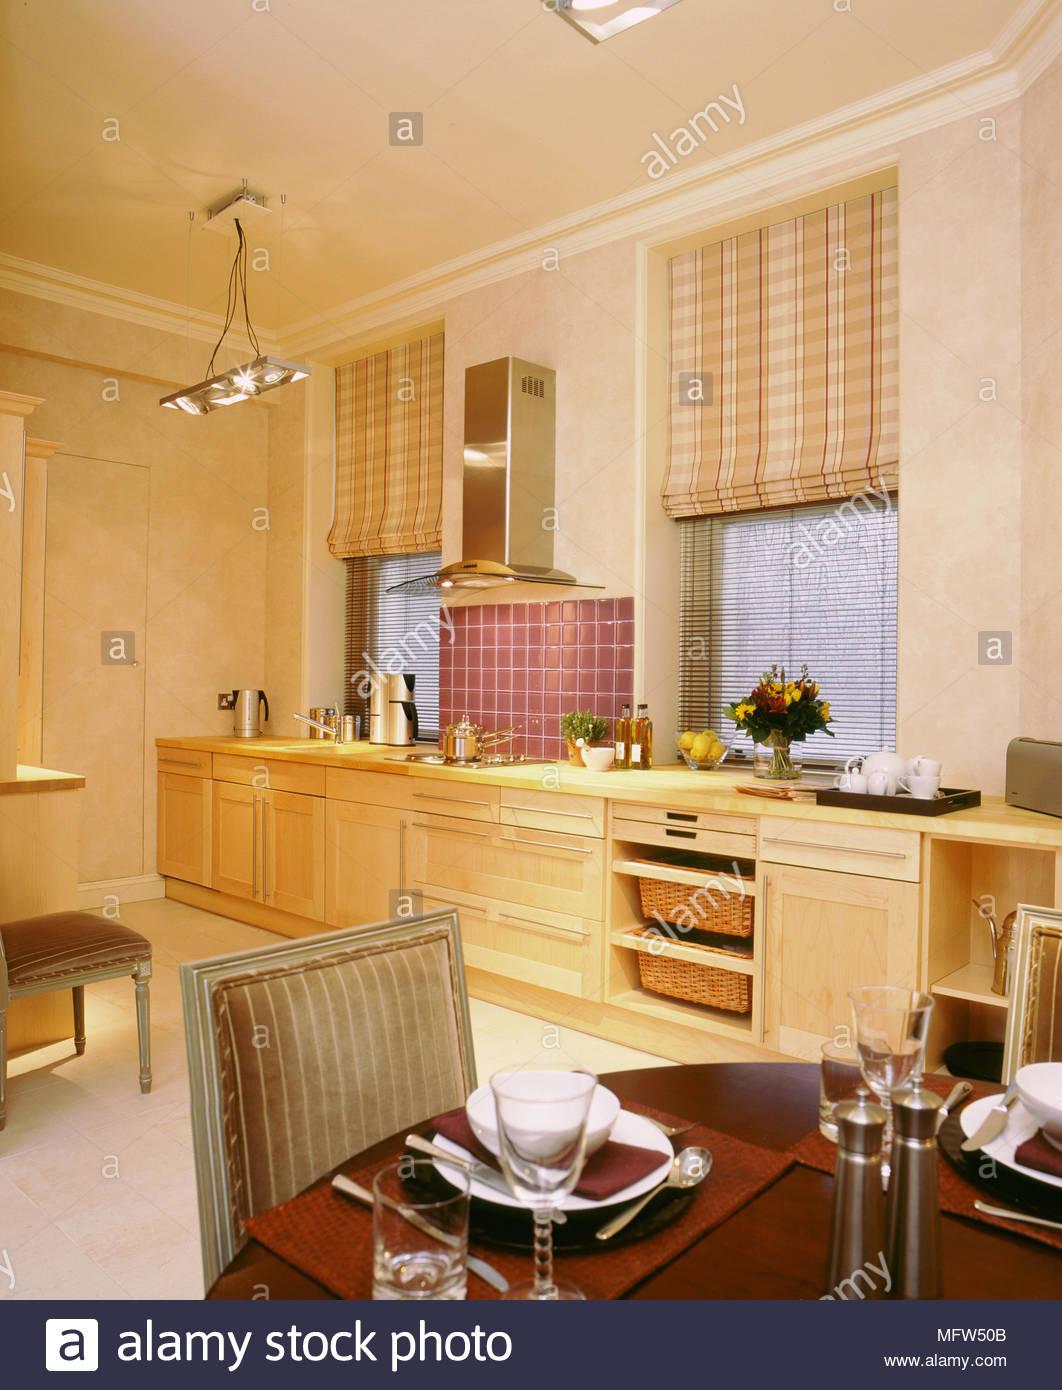 Full Size of Raffrollo Küche Küchen Regal Wohnzimmer Küchen Raffrollo